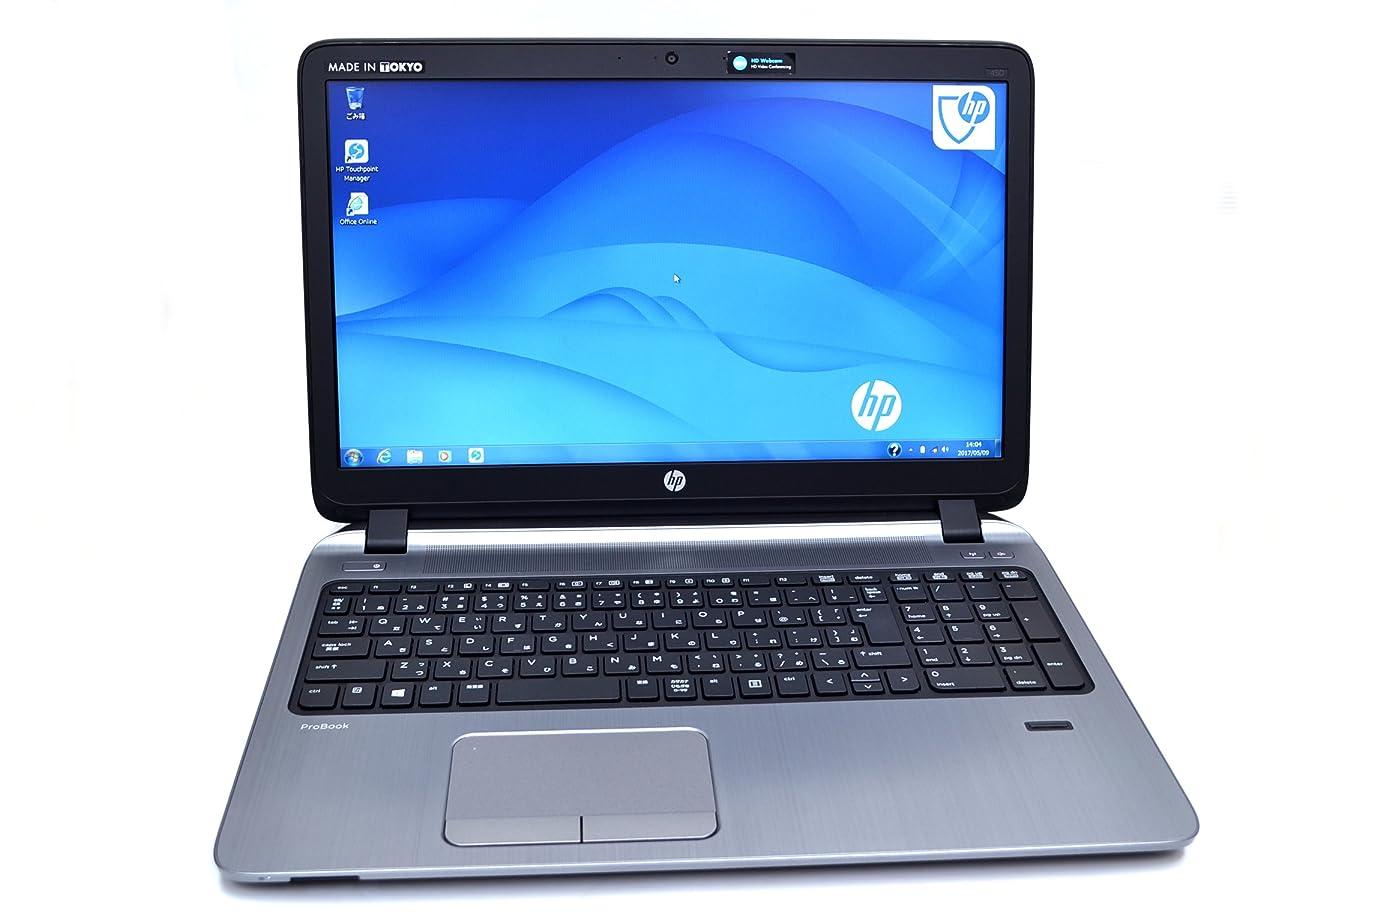 スポーツ当社店員11ac対応 中古ノートパソコン HP ProBook 450 G2 Core i5 4210U(1.70GHz) メモリ4GB マルチ カメラ USB3.0 Windows7 / 8.1